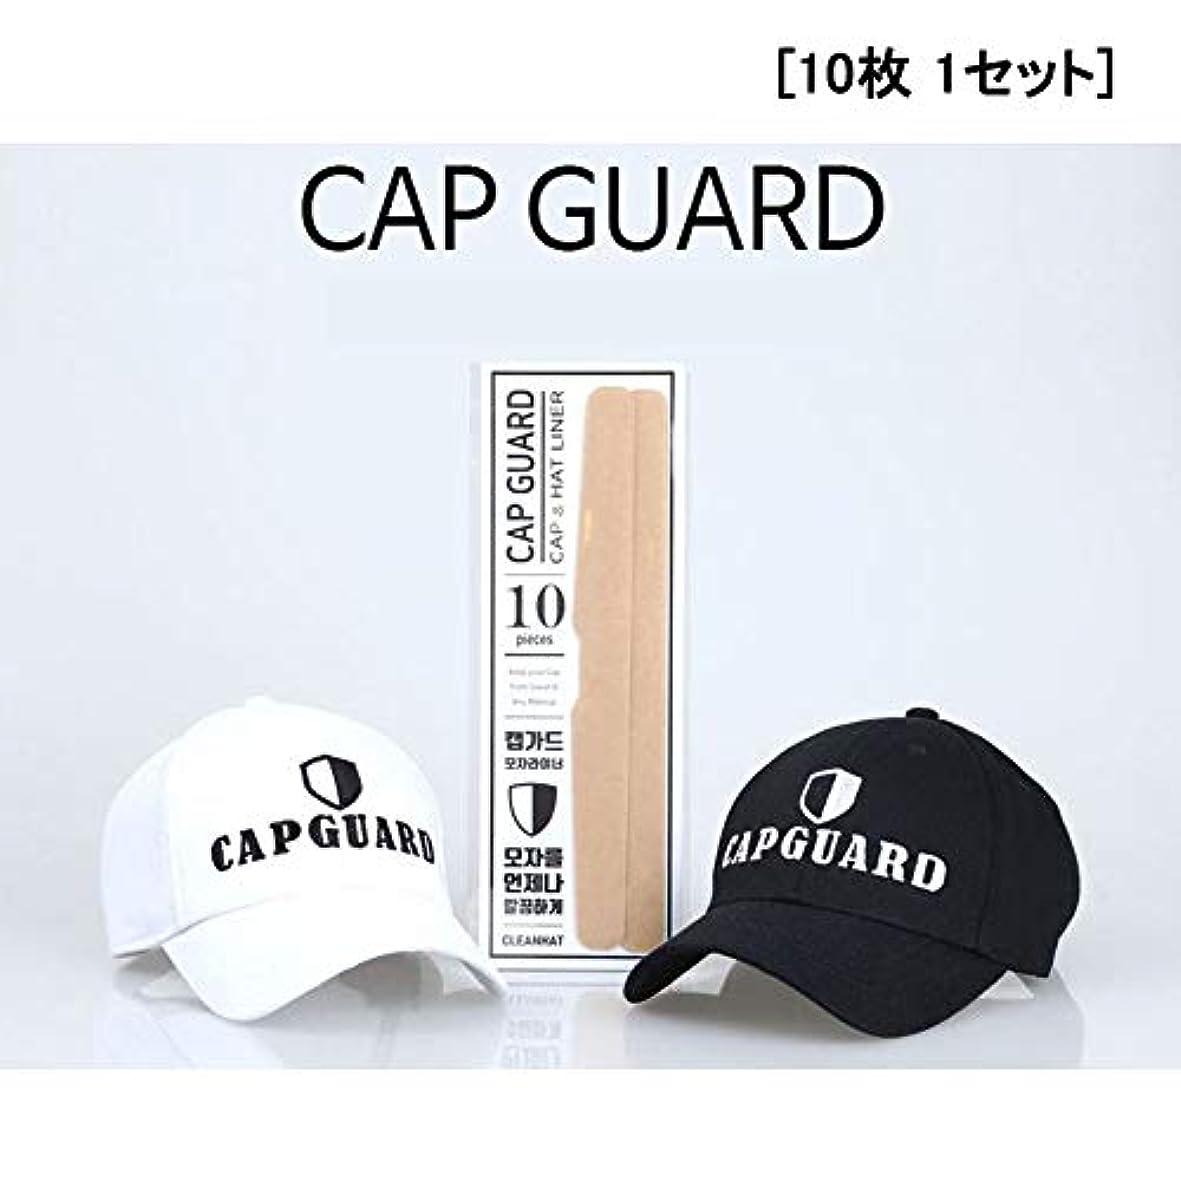 潜む過言礼拝【クリーンキャップ]帽子汗吸収パッド/接着良く、より長く良いCAP GUARD 10枚 1SET /280 X30jmm(4g)/汗の吸収力も優れた帽子ライナー[並行輸入品] (10枚 1セット)